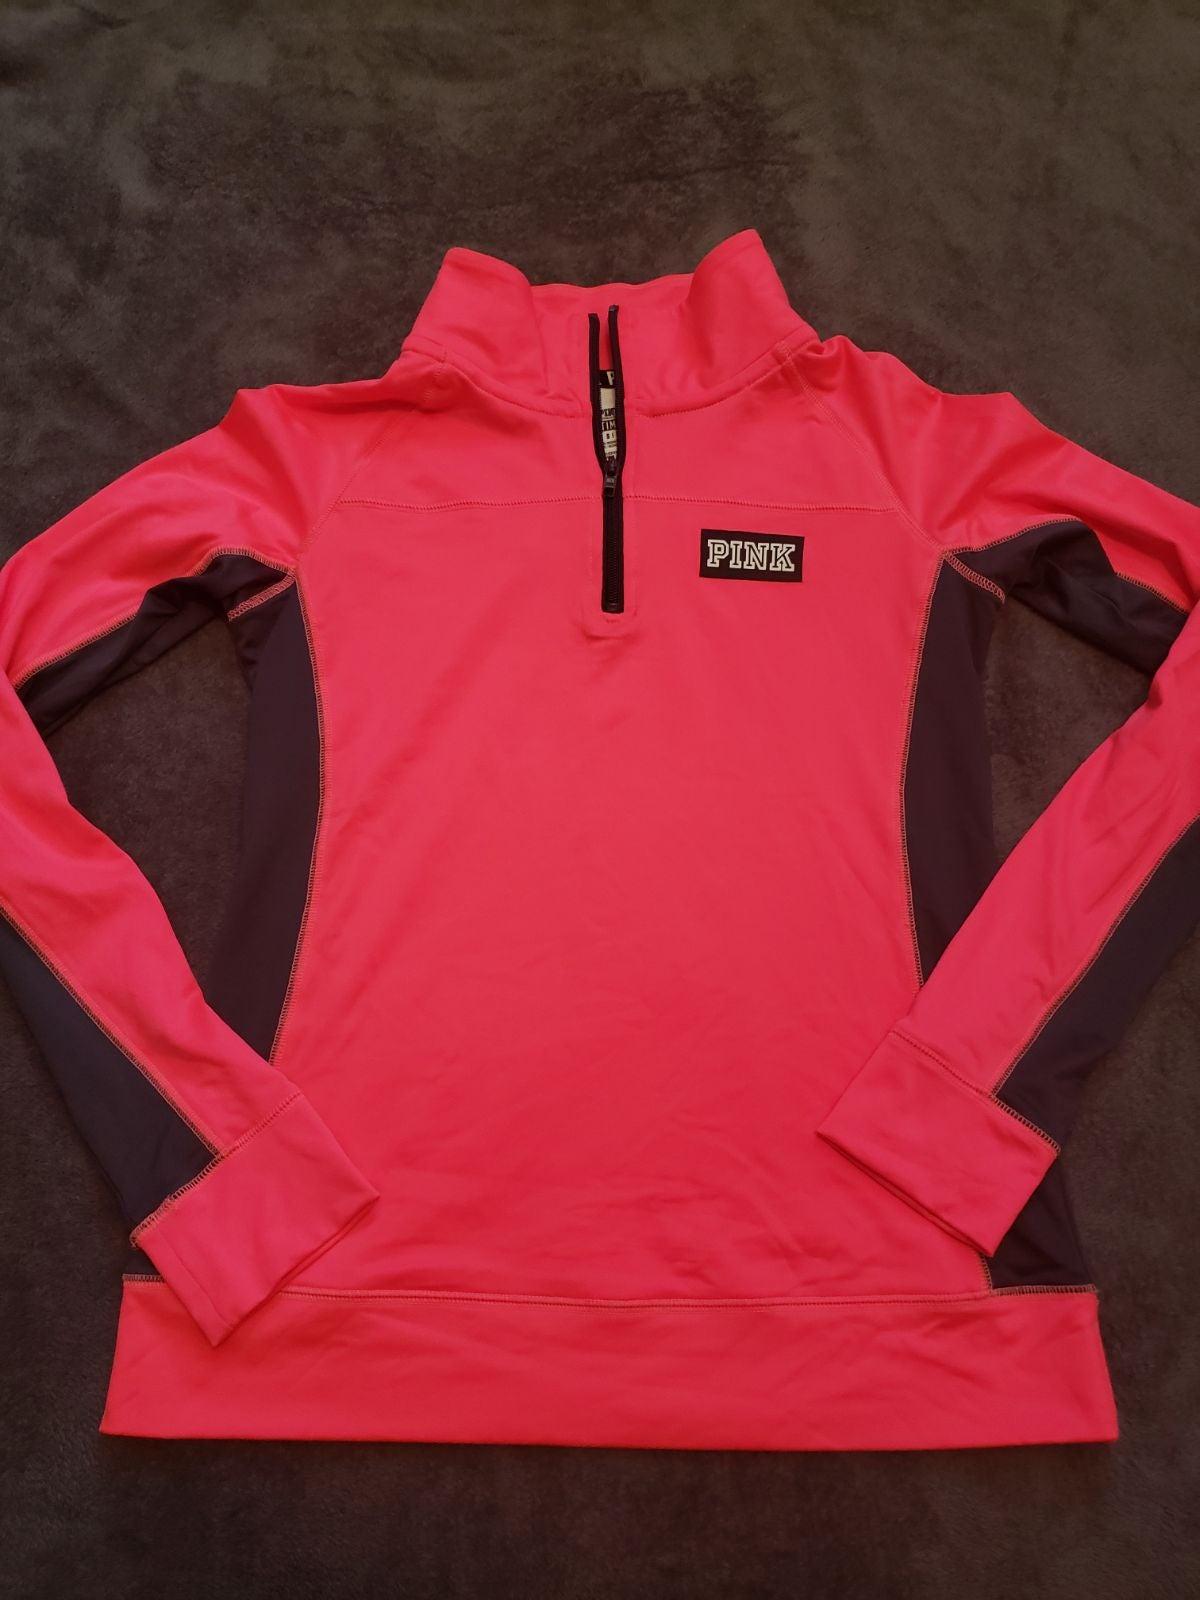 Neon red quarter ultimate zip pink